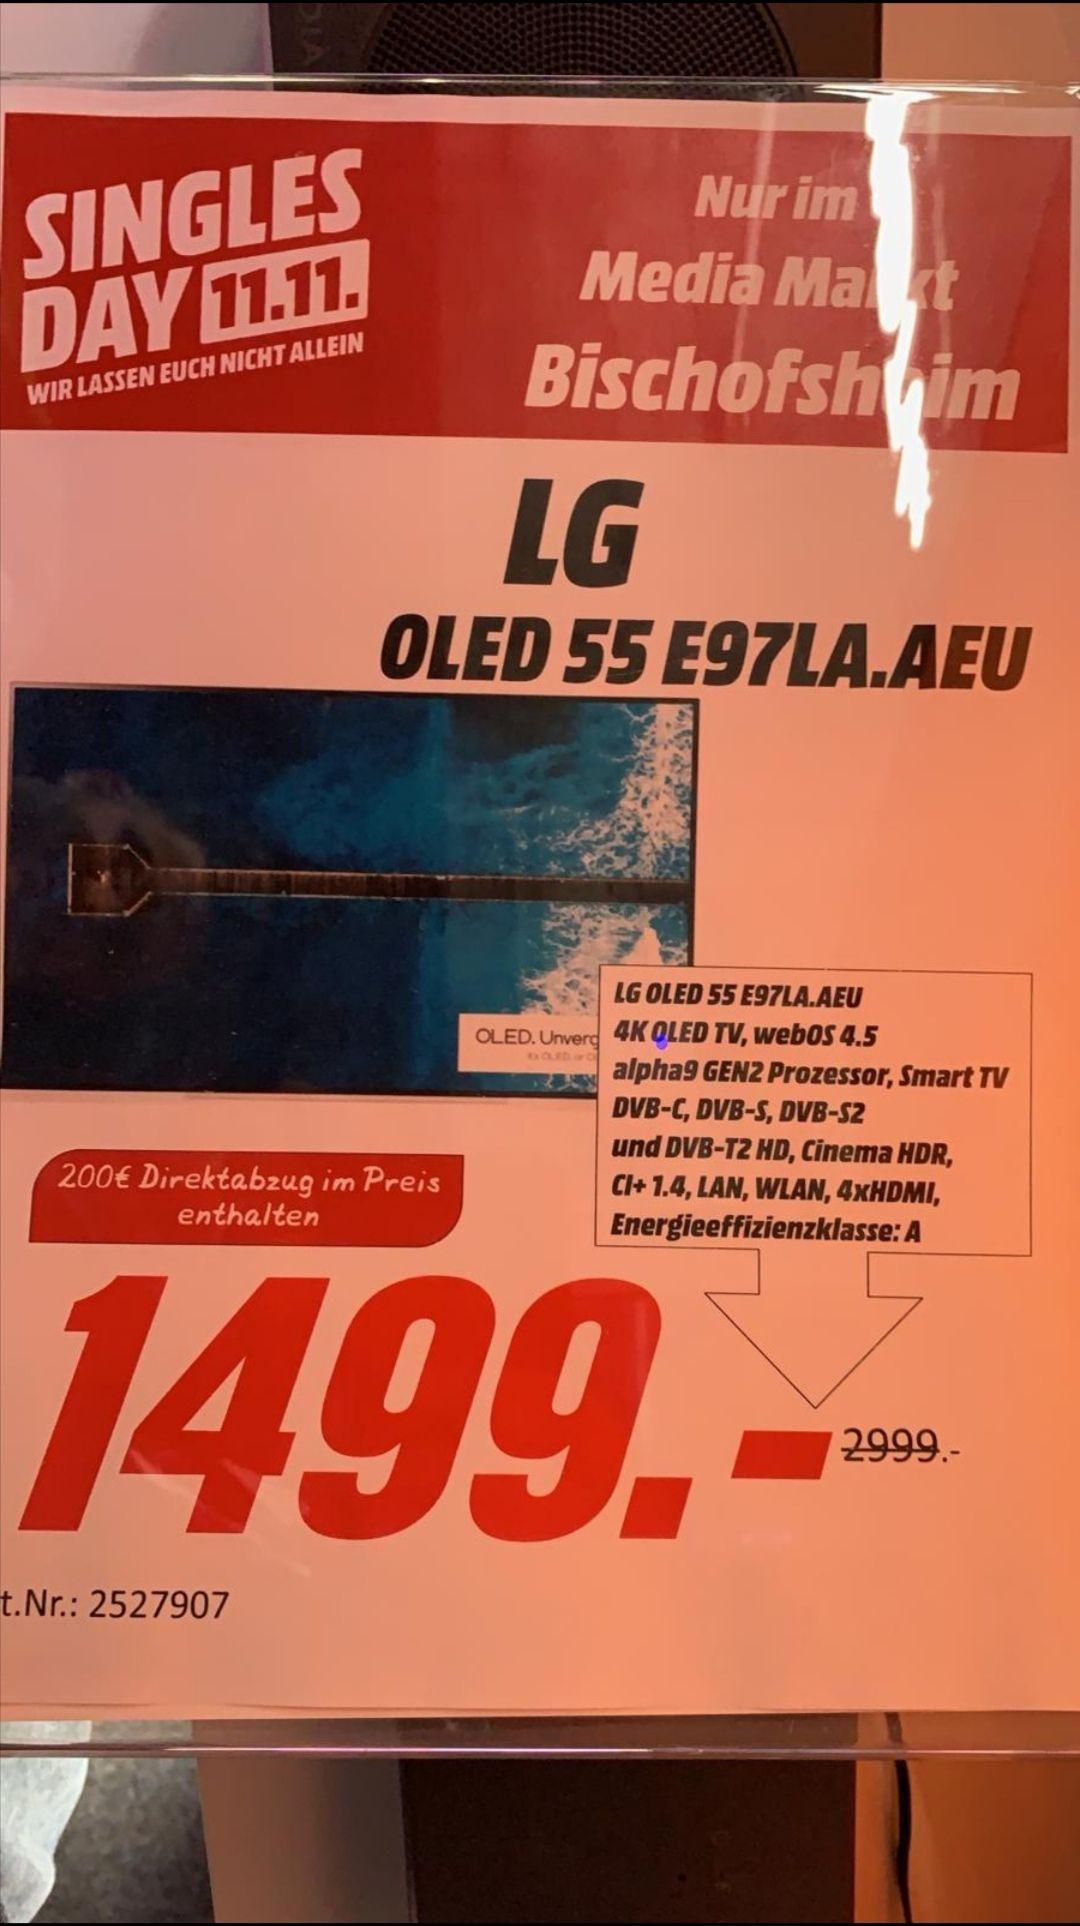 [lokal Mediamarkt Bischofsheim] LG OLED55E97LA OLED TV für 1499€ [65E97LA für 2400€] (55 Zoll, UHD 4K, SMART TV, webOS 4.5 (AI ThinQ))